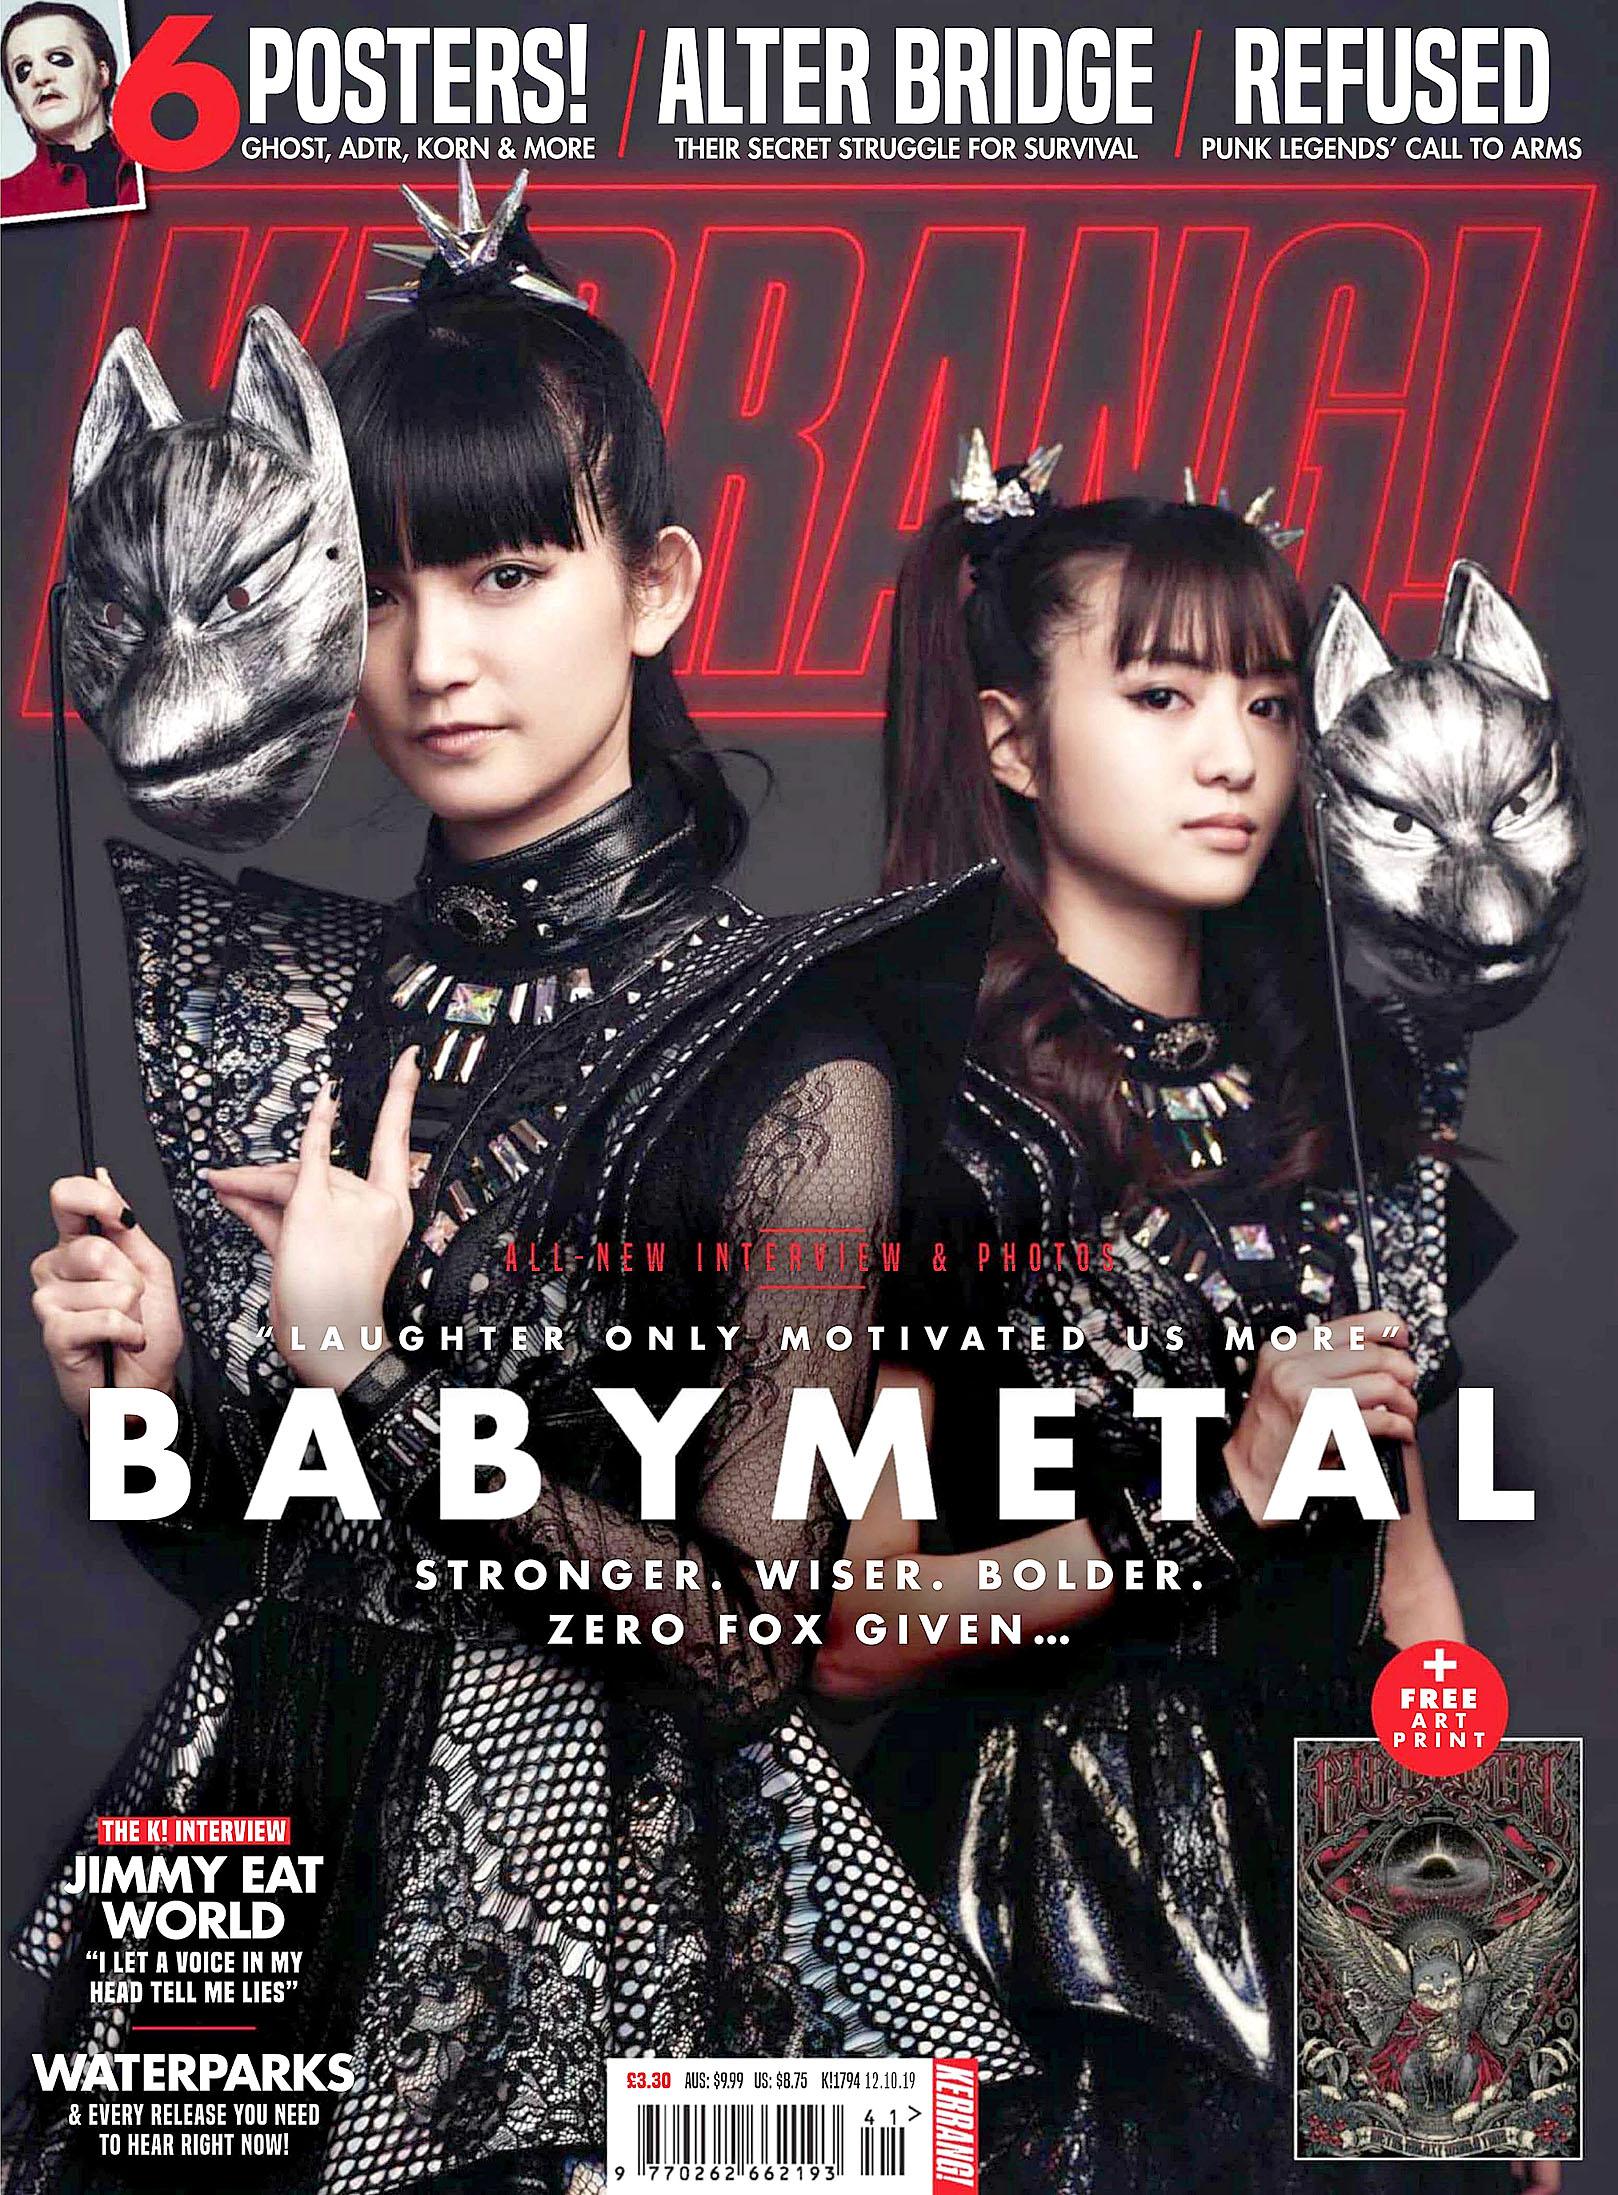 Kerrang 2019-10-12 Babymetal 01.jpg